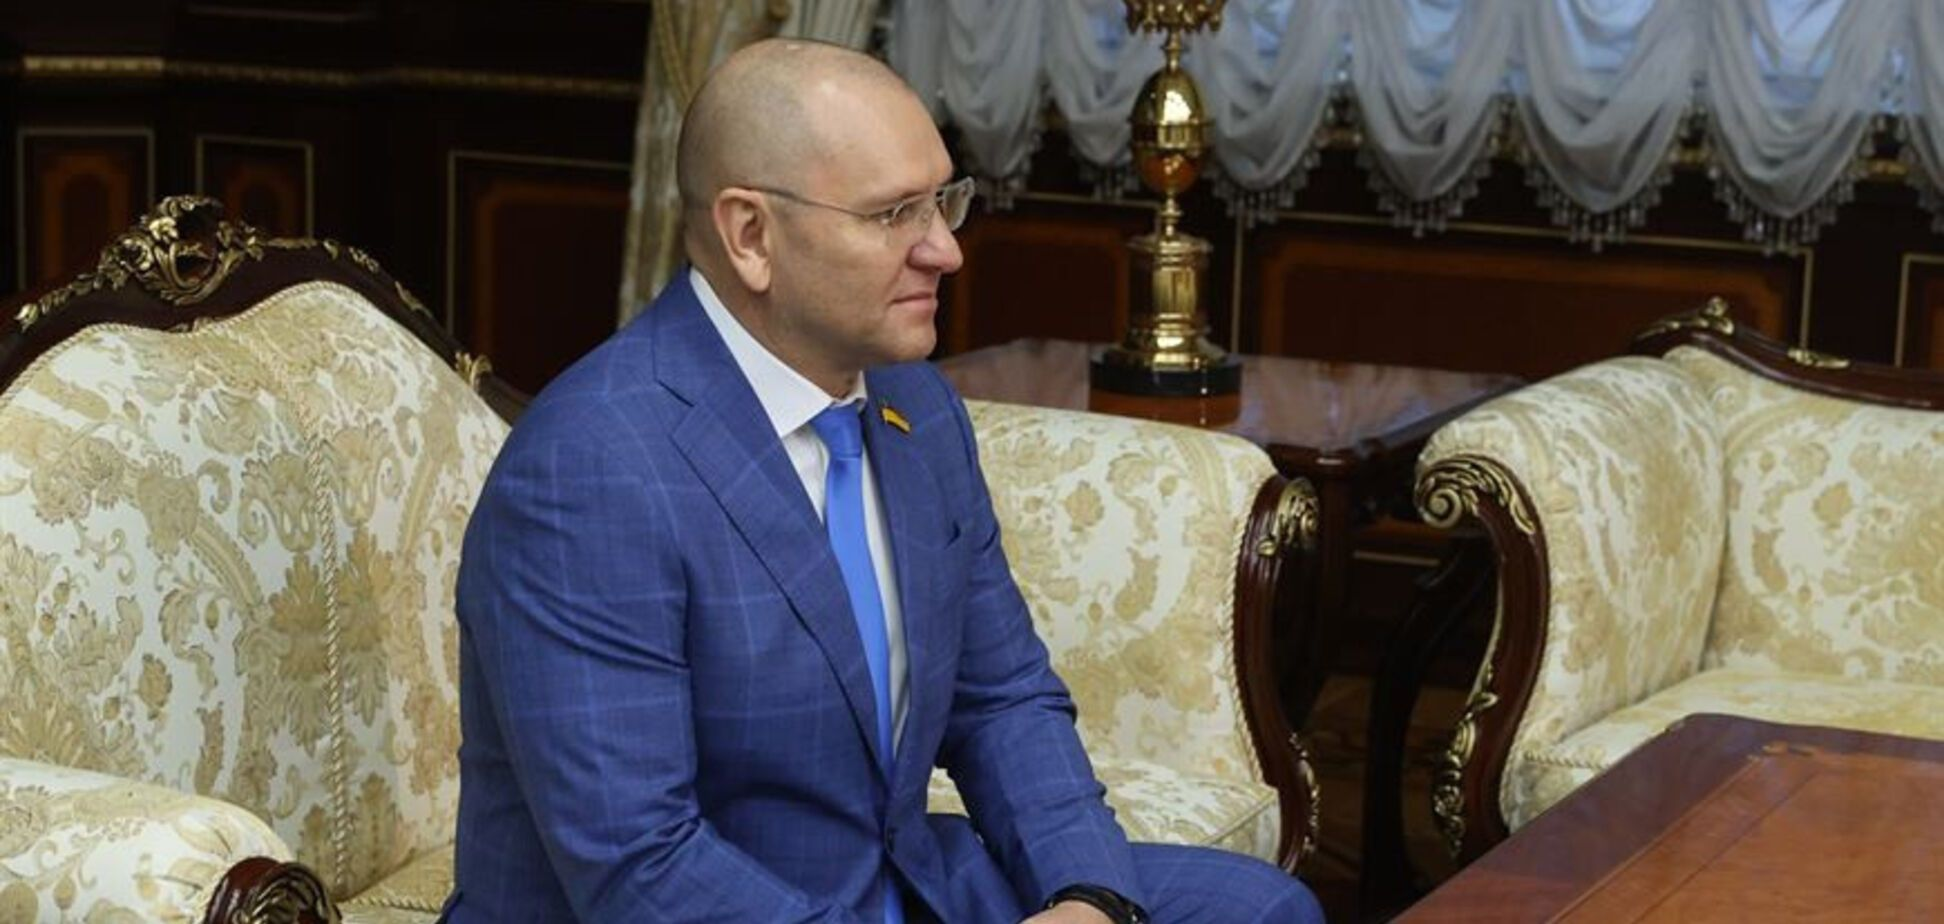 Евгений Шевченко прокомментировал свой визит к Лукашенко